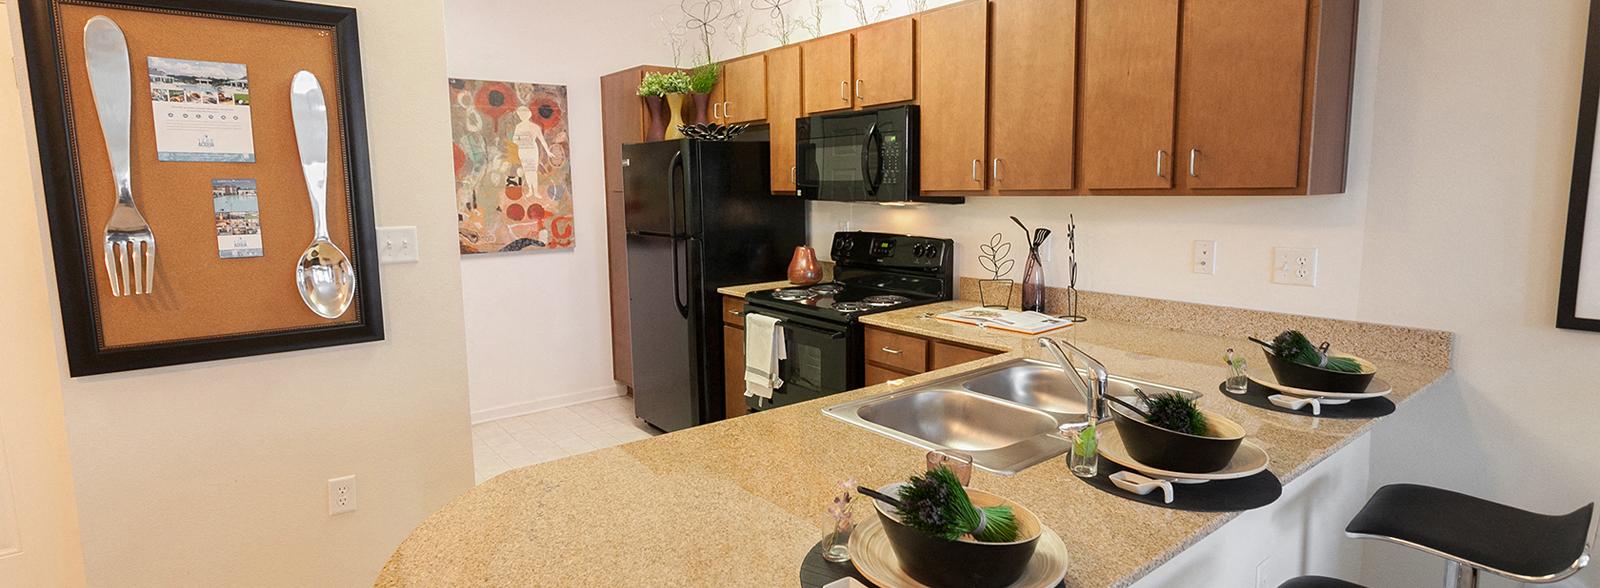 1200 Acqua  Luxury Apartments in Petersburg Virginia